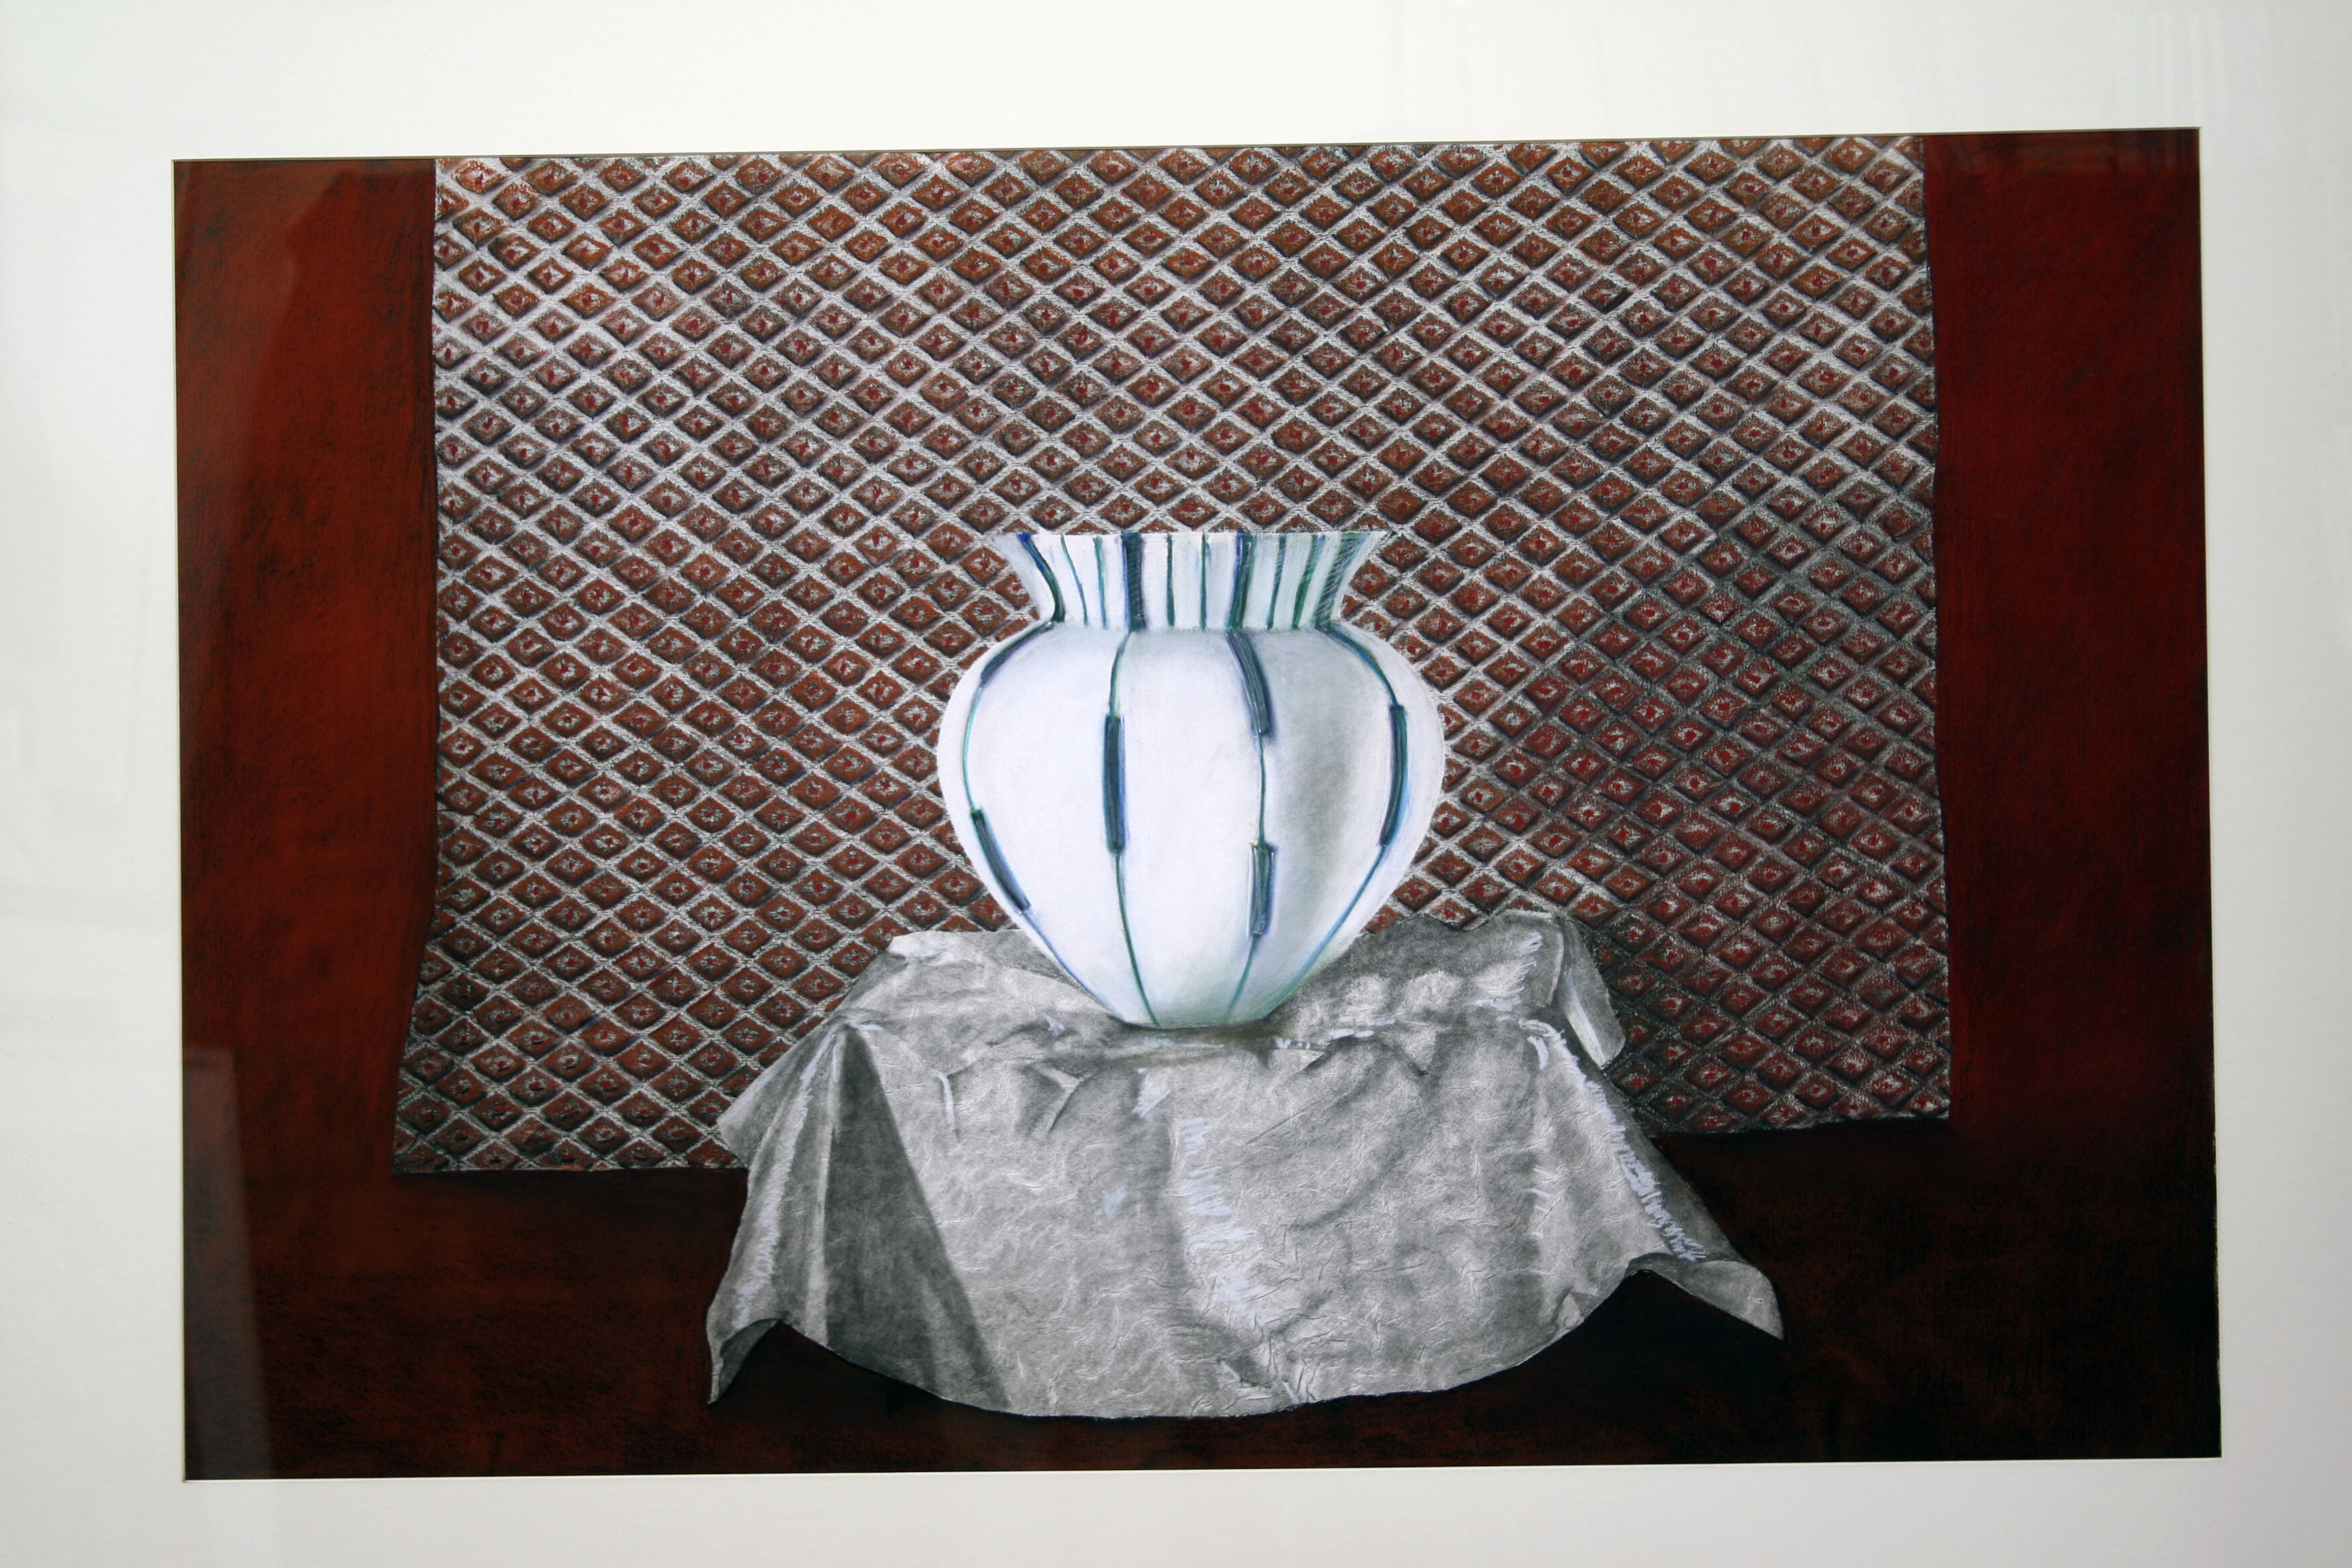 White Bowl 2000 75x120cm collograph pastel